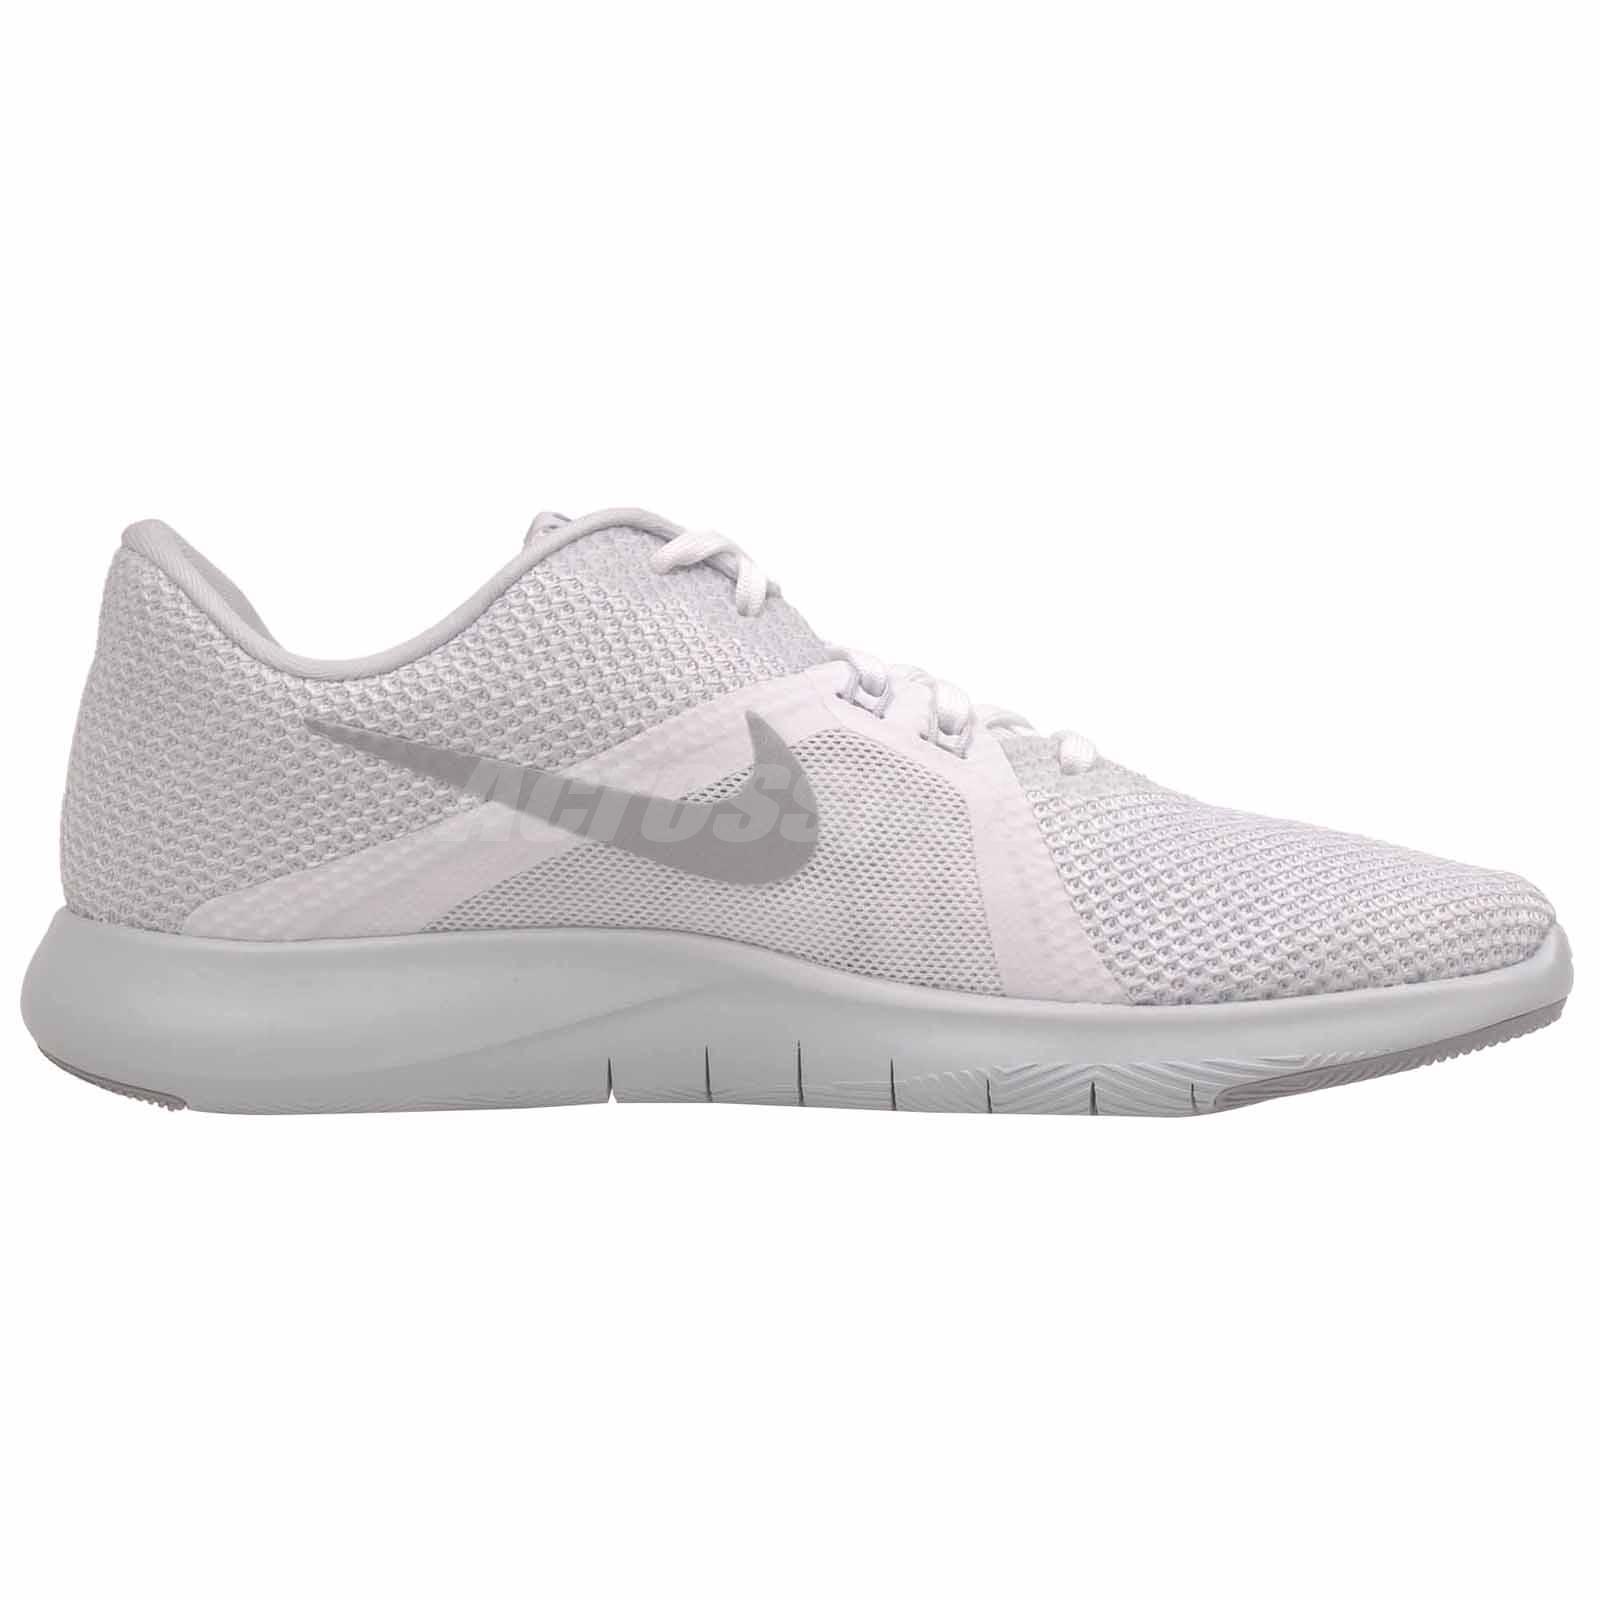 fdb8c1292c3d5 Nike W Flex Trainer 8 Cross Training Womens Shoes White Silver ...